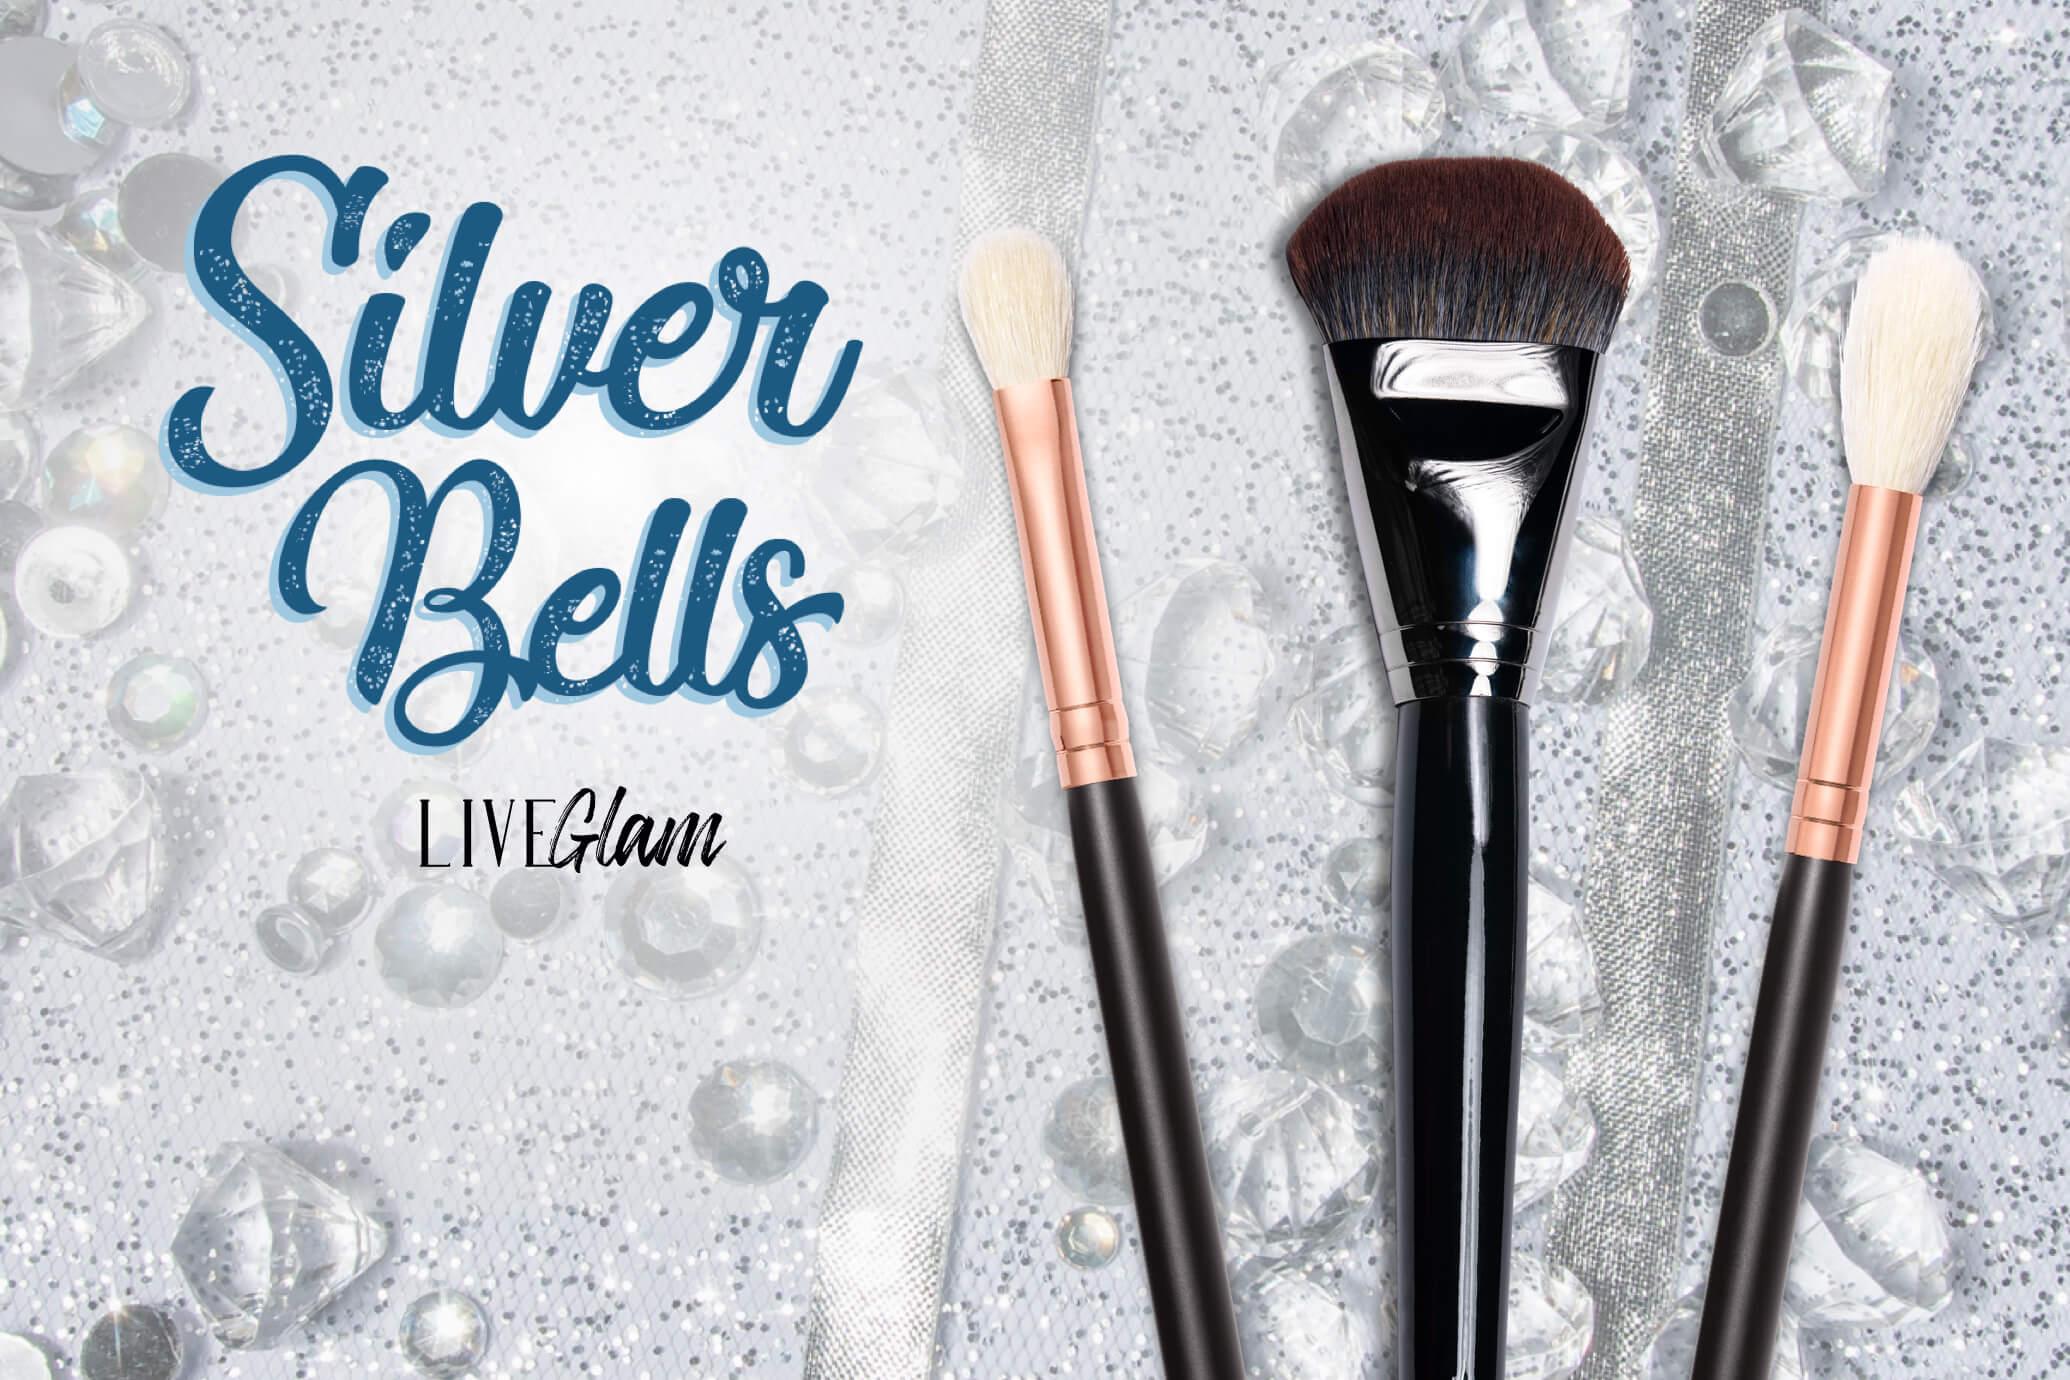 LiveGlam Silver Bells brush collection december 2020